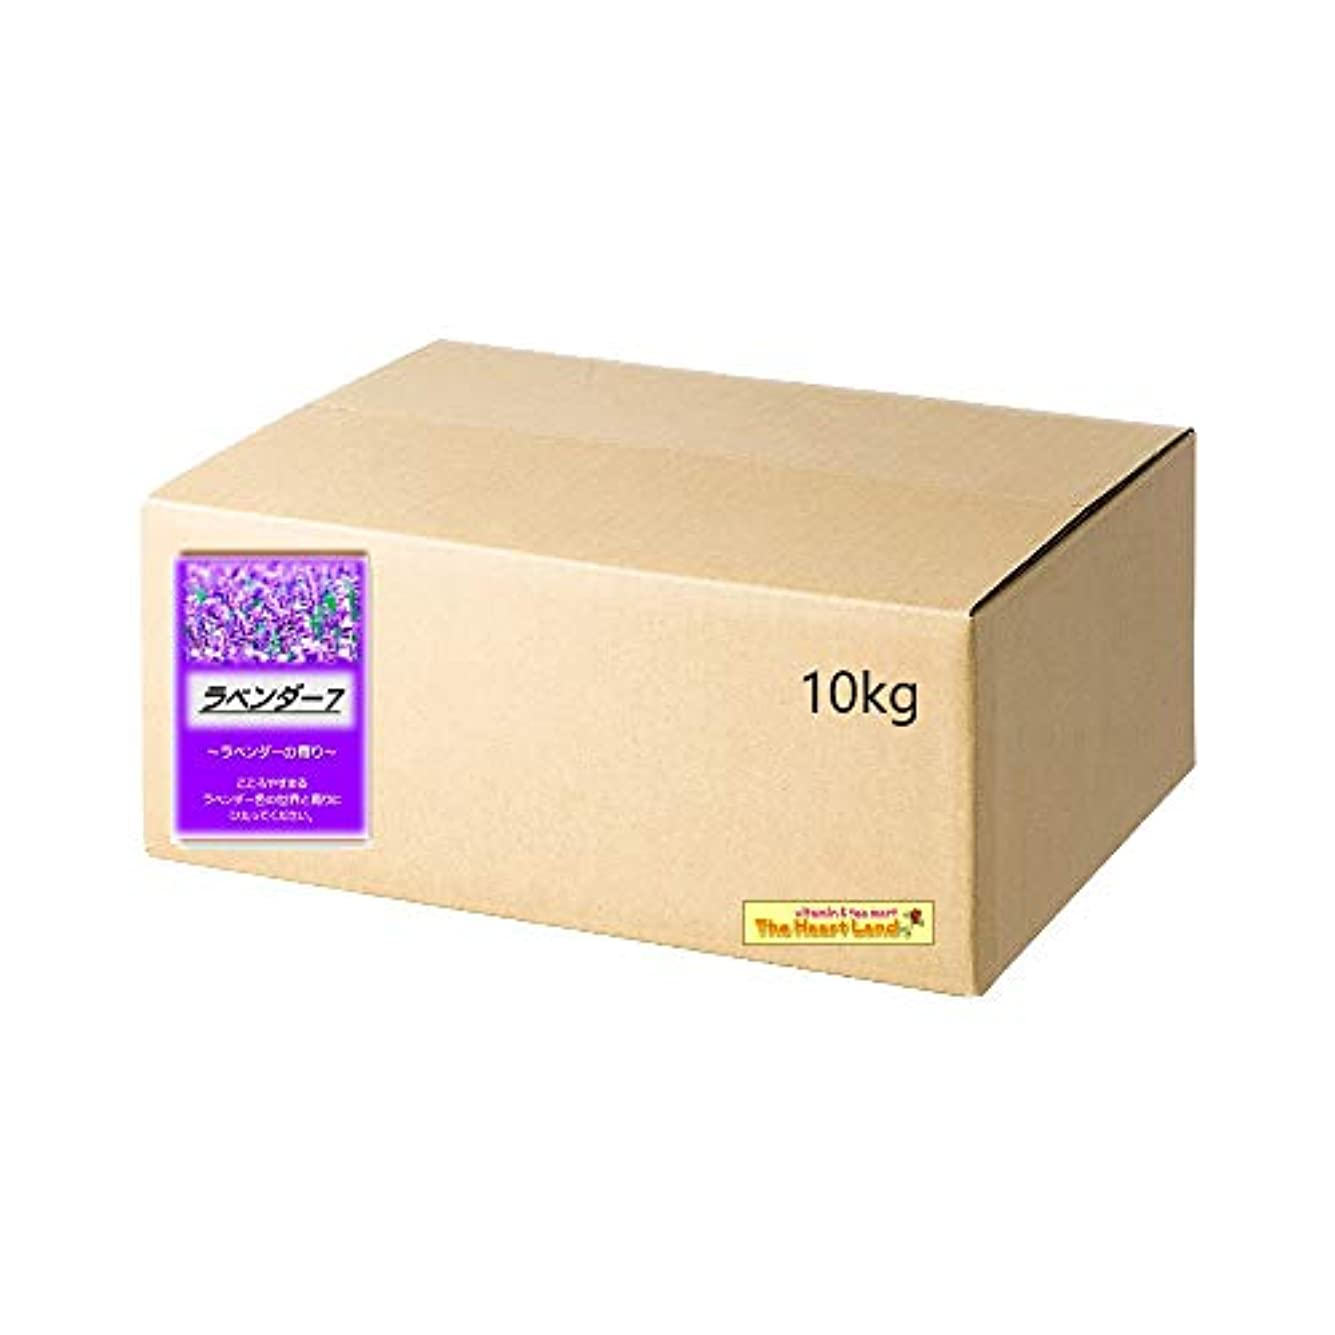 骨ビーム水アサヒ入浴剤 浴用入浴化粧品 ラベンダー7 10kg